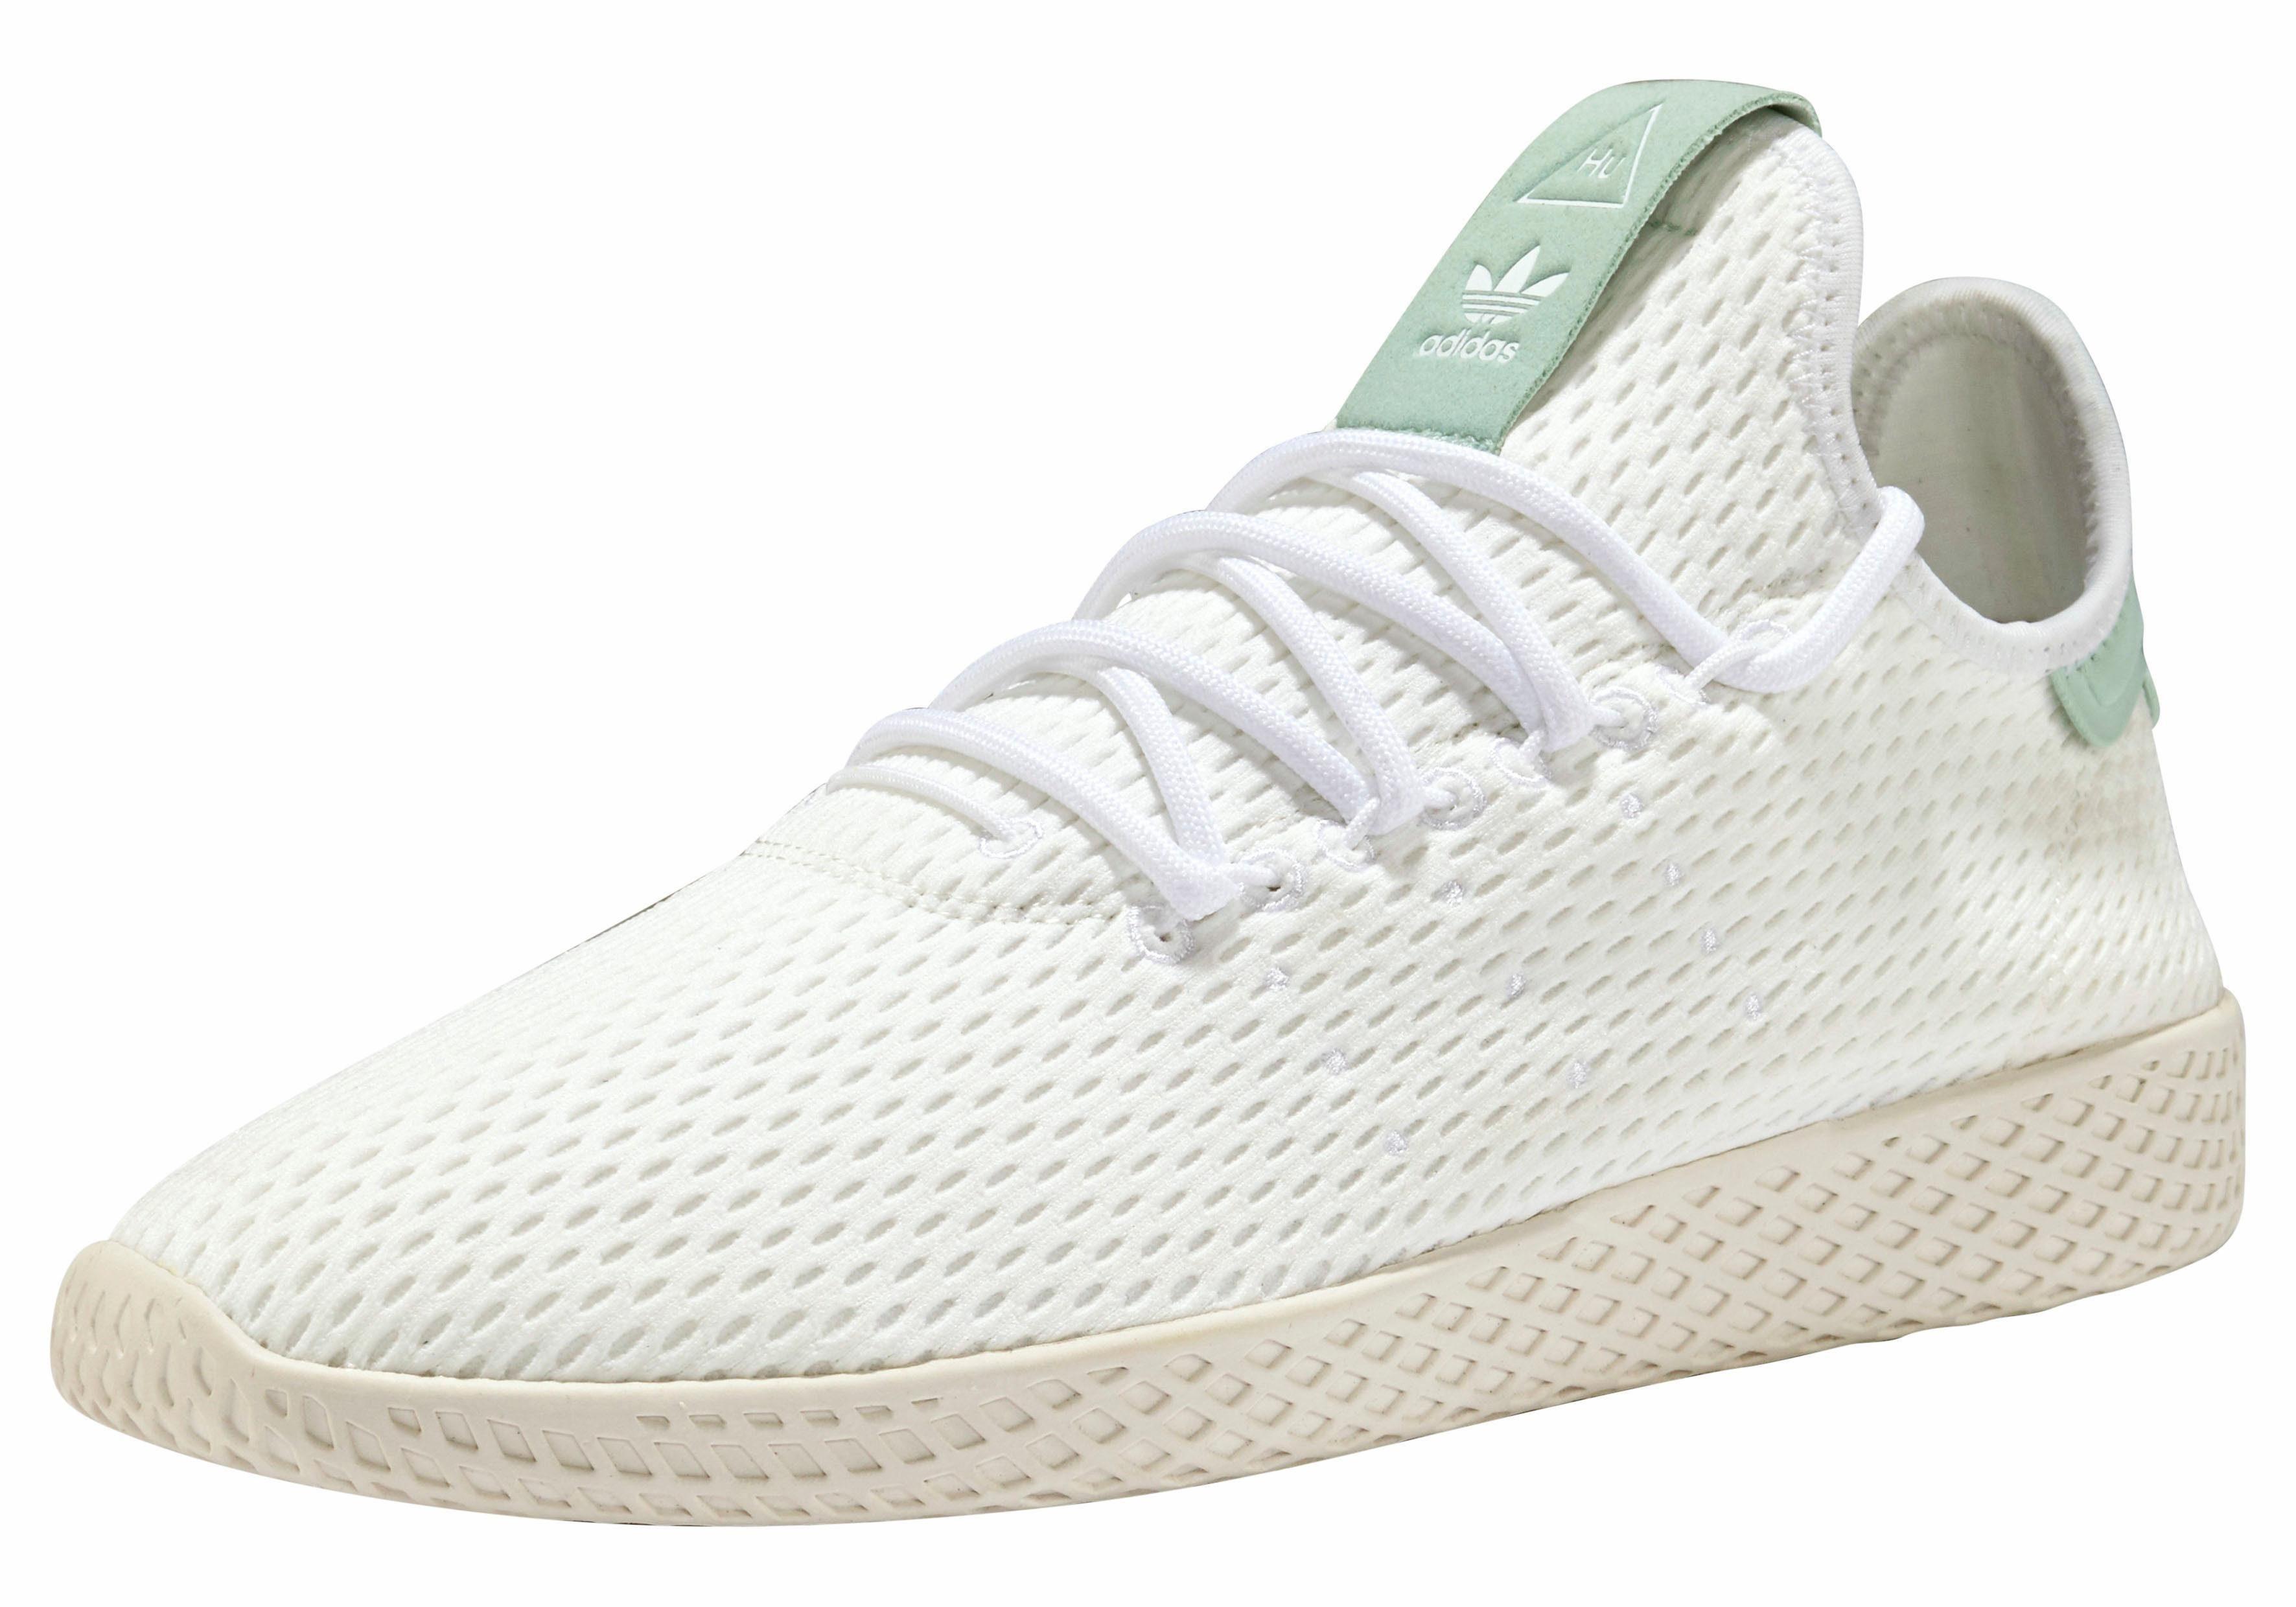 adidas Originals PW Tennis HU Sneaker, Pharrell Williams online kaufen  weiß-grün